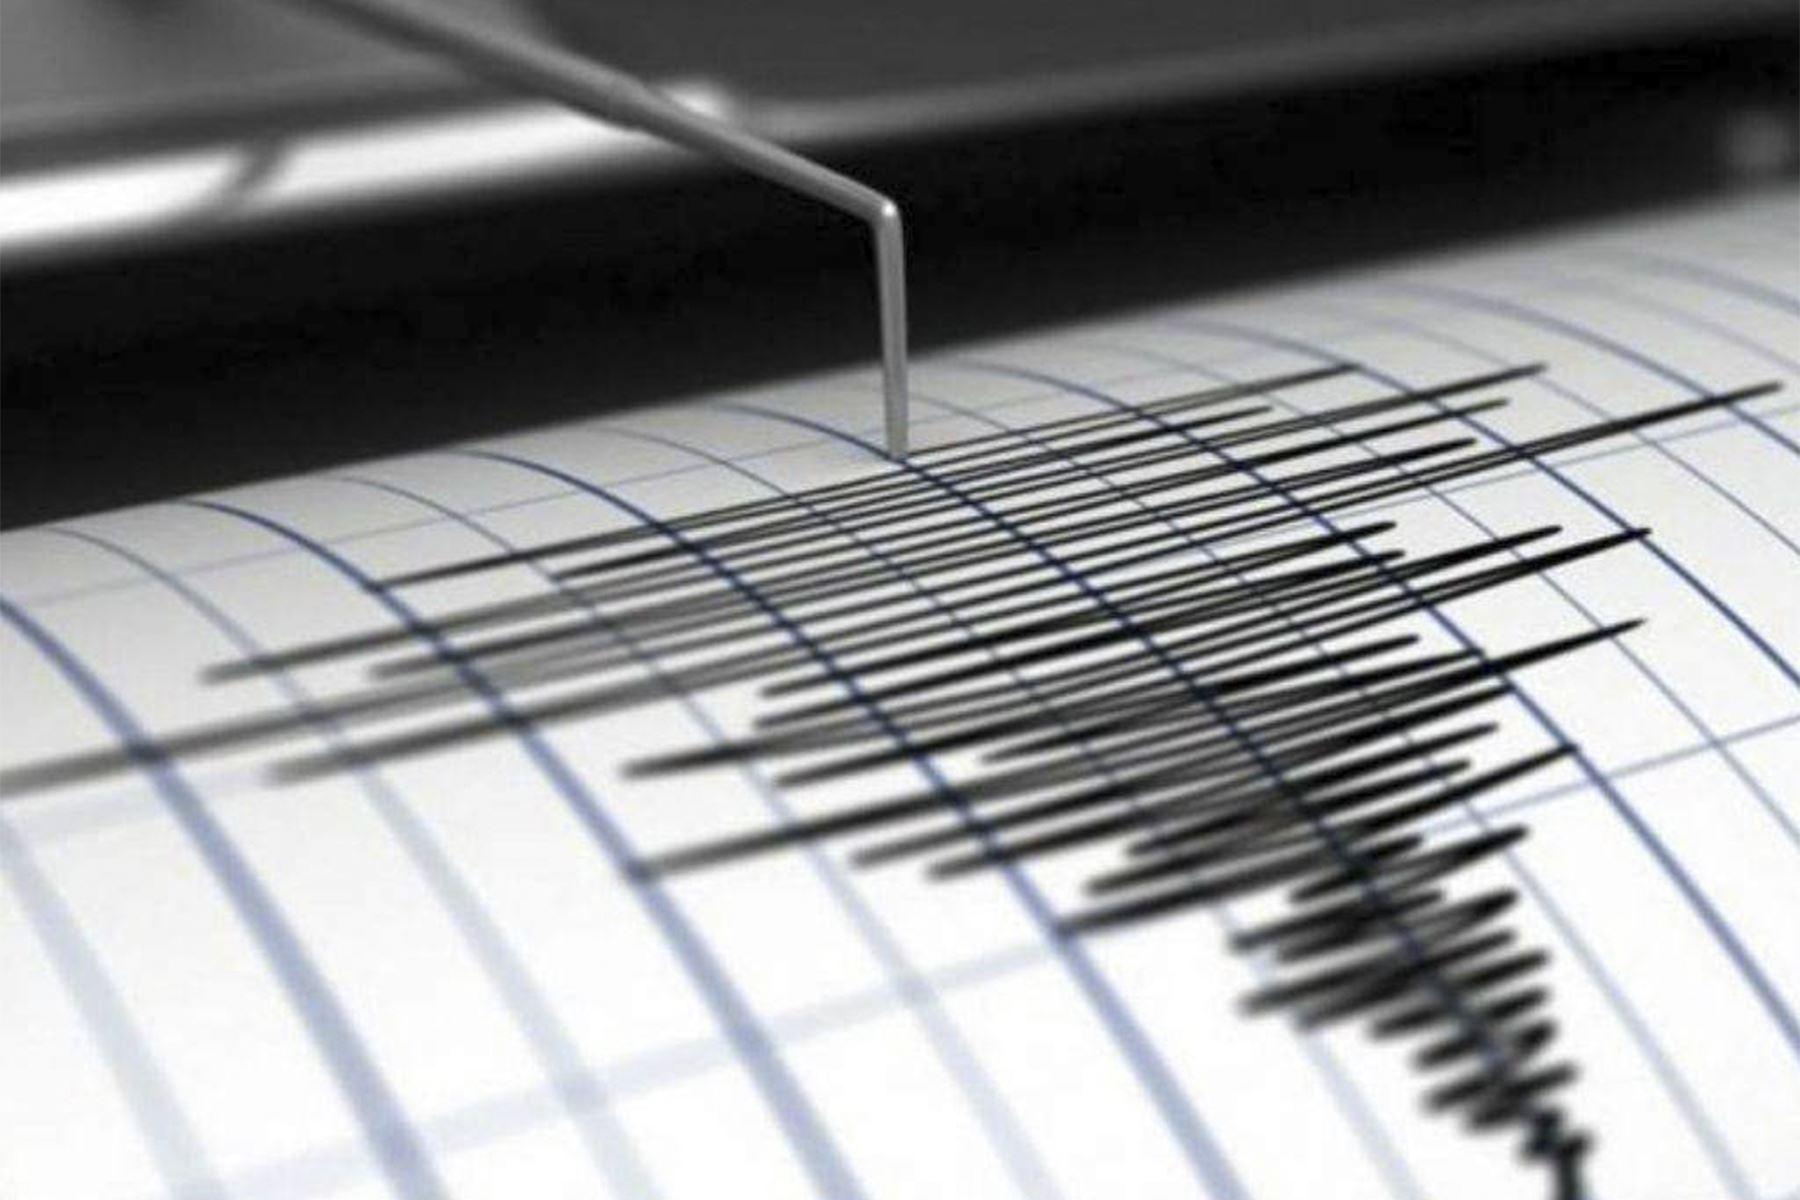 Dos sismos de regular magnitud se reportaron hoy en Huancavelica y Puno